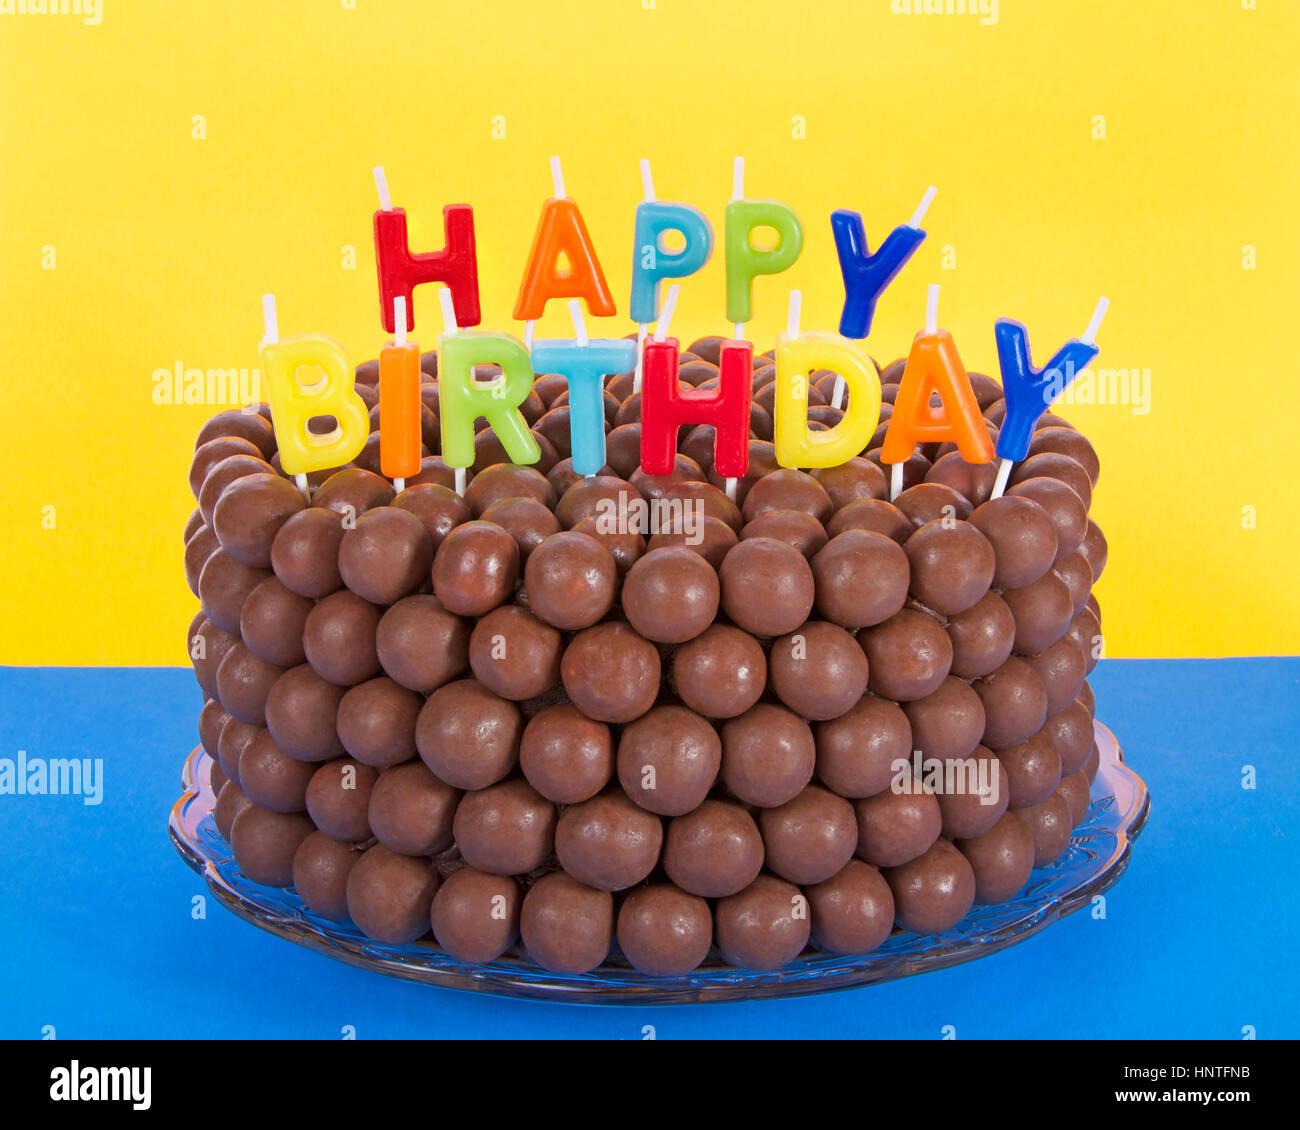 Whopper einer Schokolade Kuchen mit Süßigkeiten Malz Kugeln und Happy Birthday Kerzen dekoriert. Blaue Stockbild